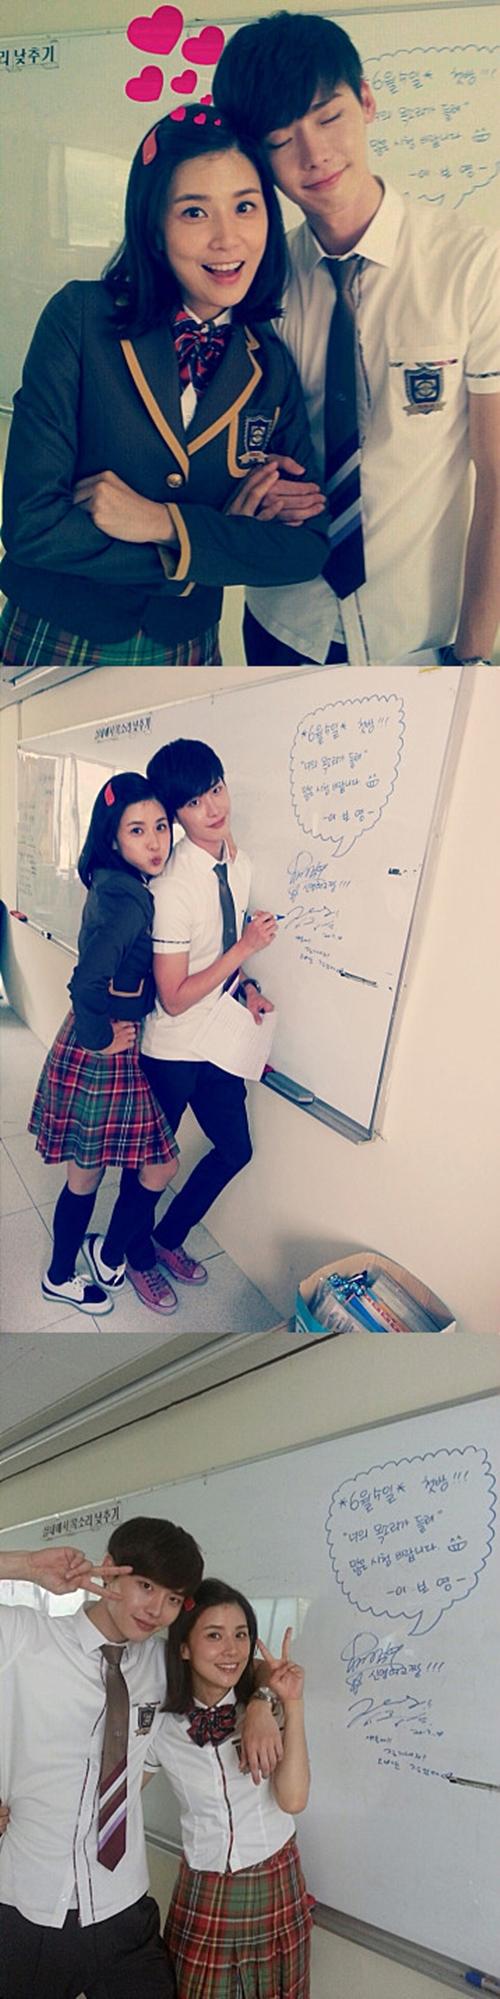 イ・ジョンソクとイ・ボヨン、年の差10歳の高校生カップルに大変身!